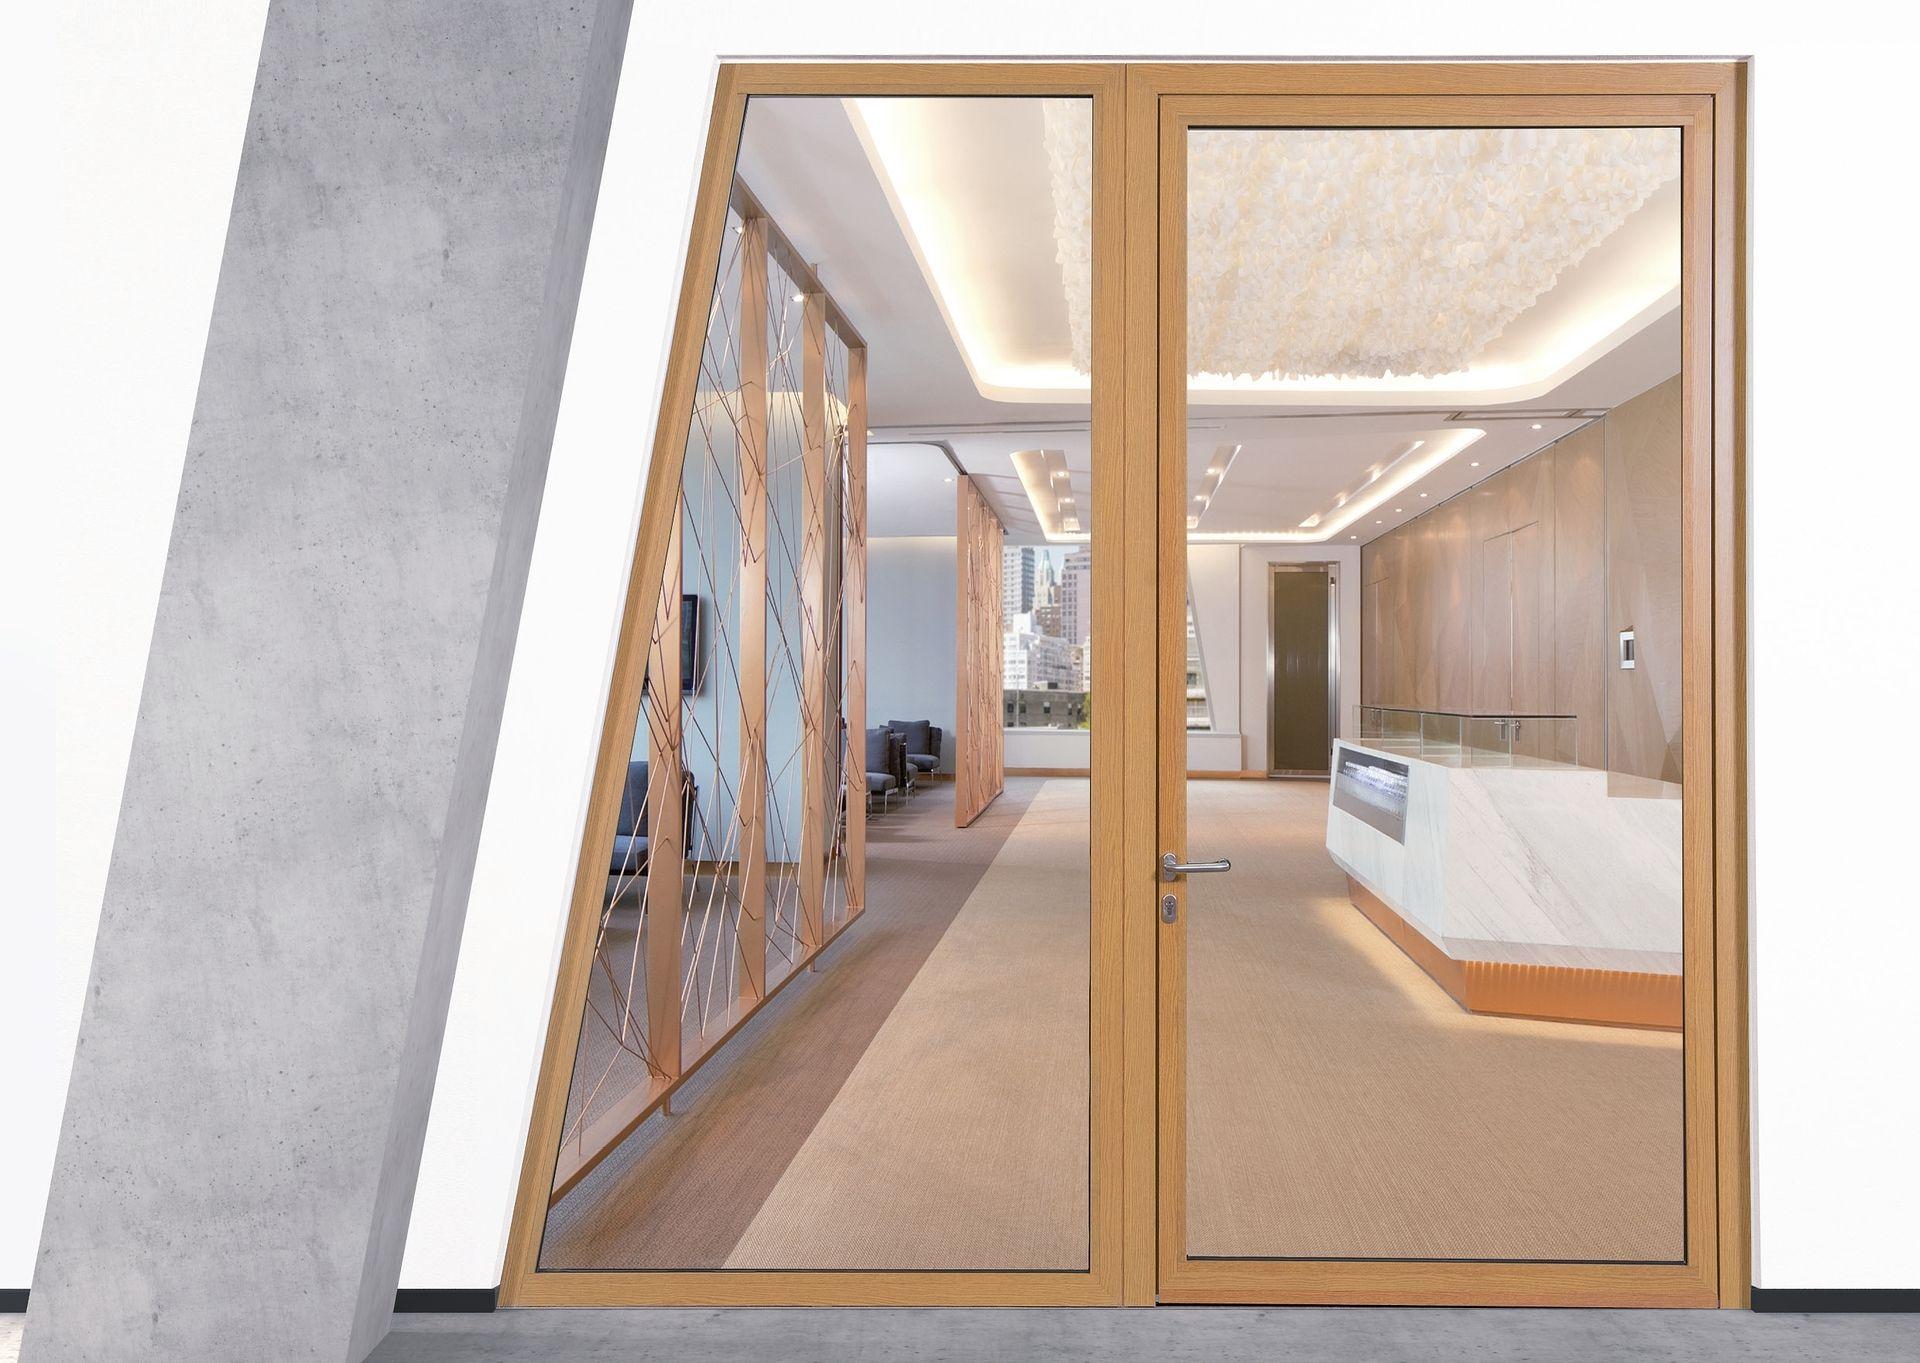 novoferm feuer und rauchschutzabschl sse in profilrahmenkonstruktion ais. Black Bedroom Furniture Sets. Home Design Ideas